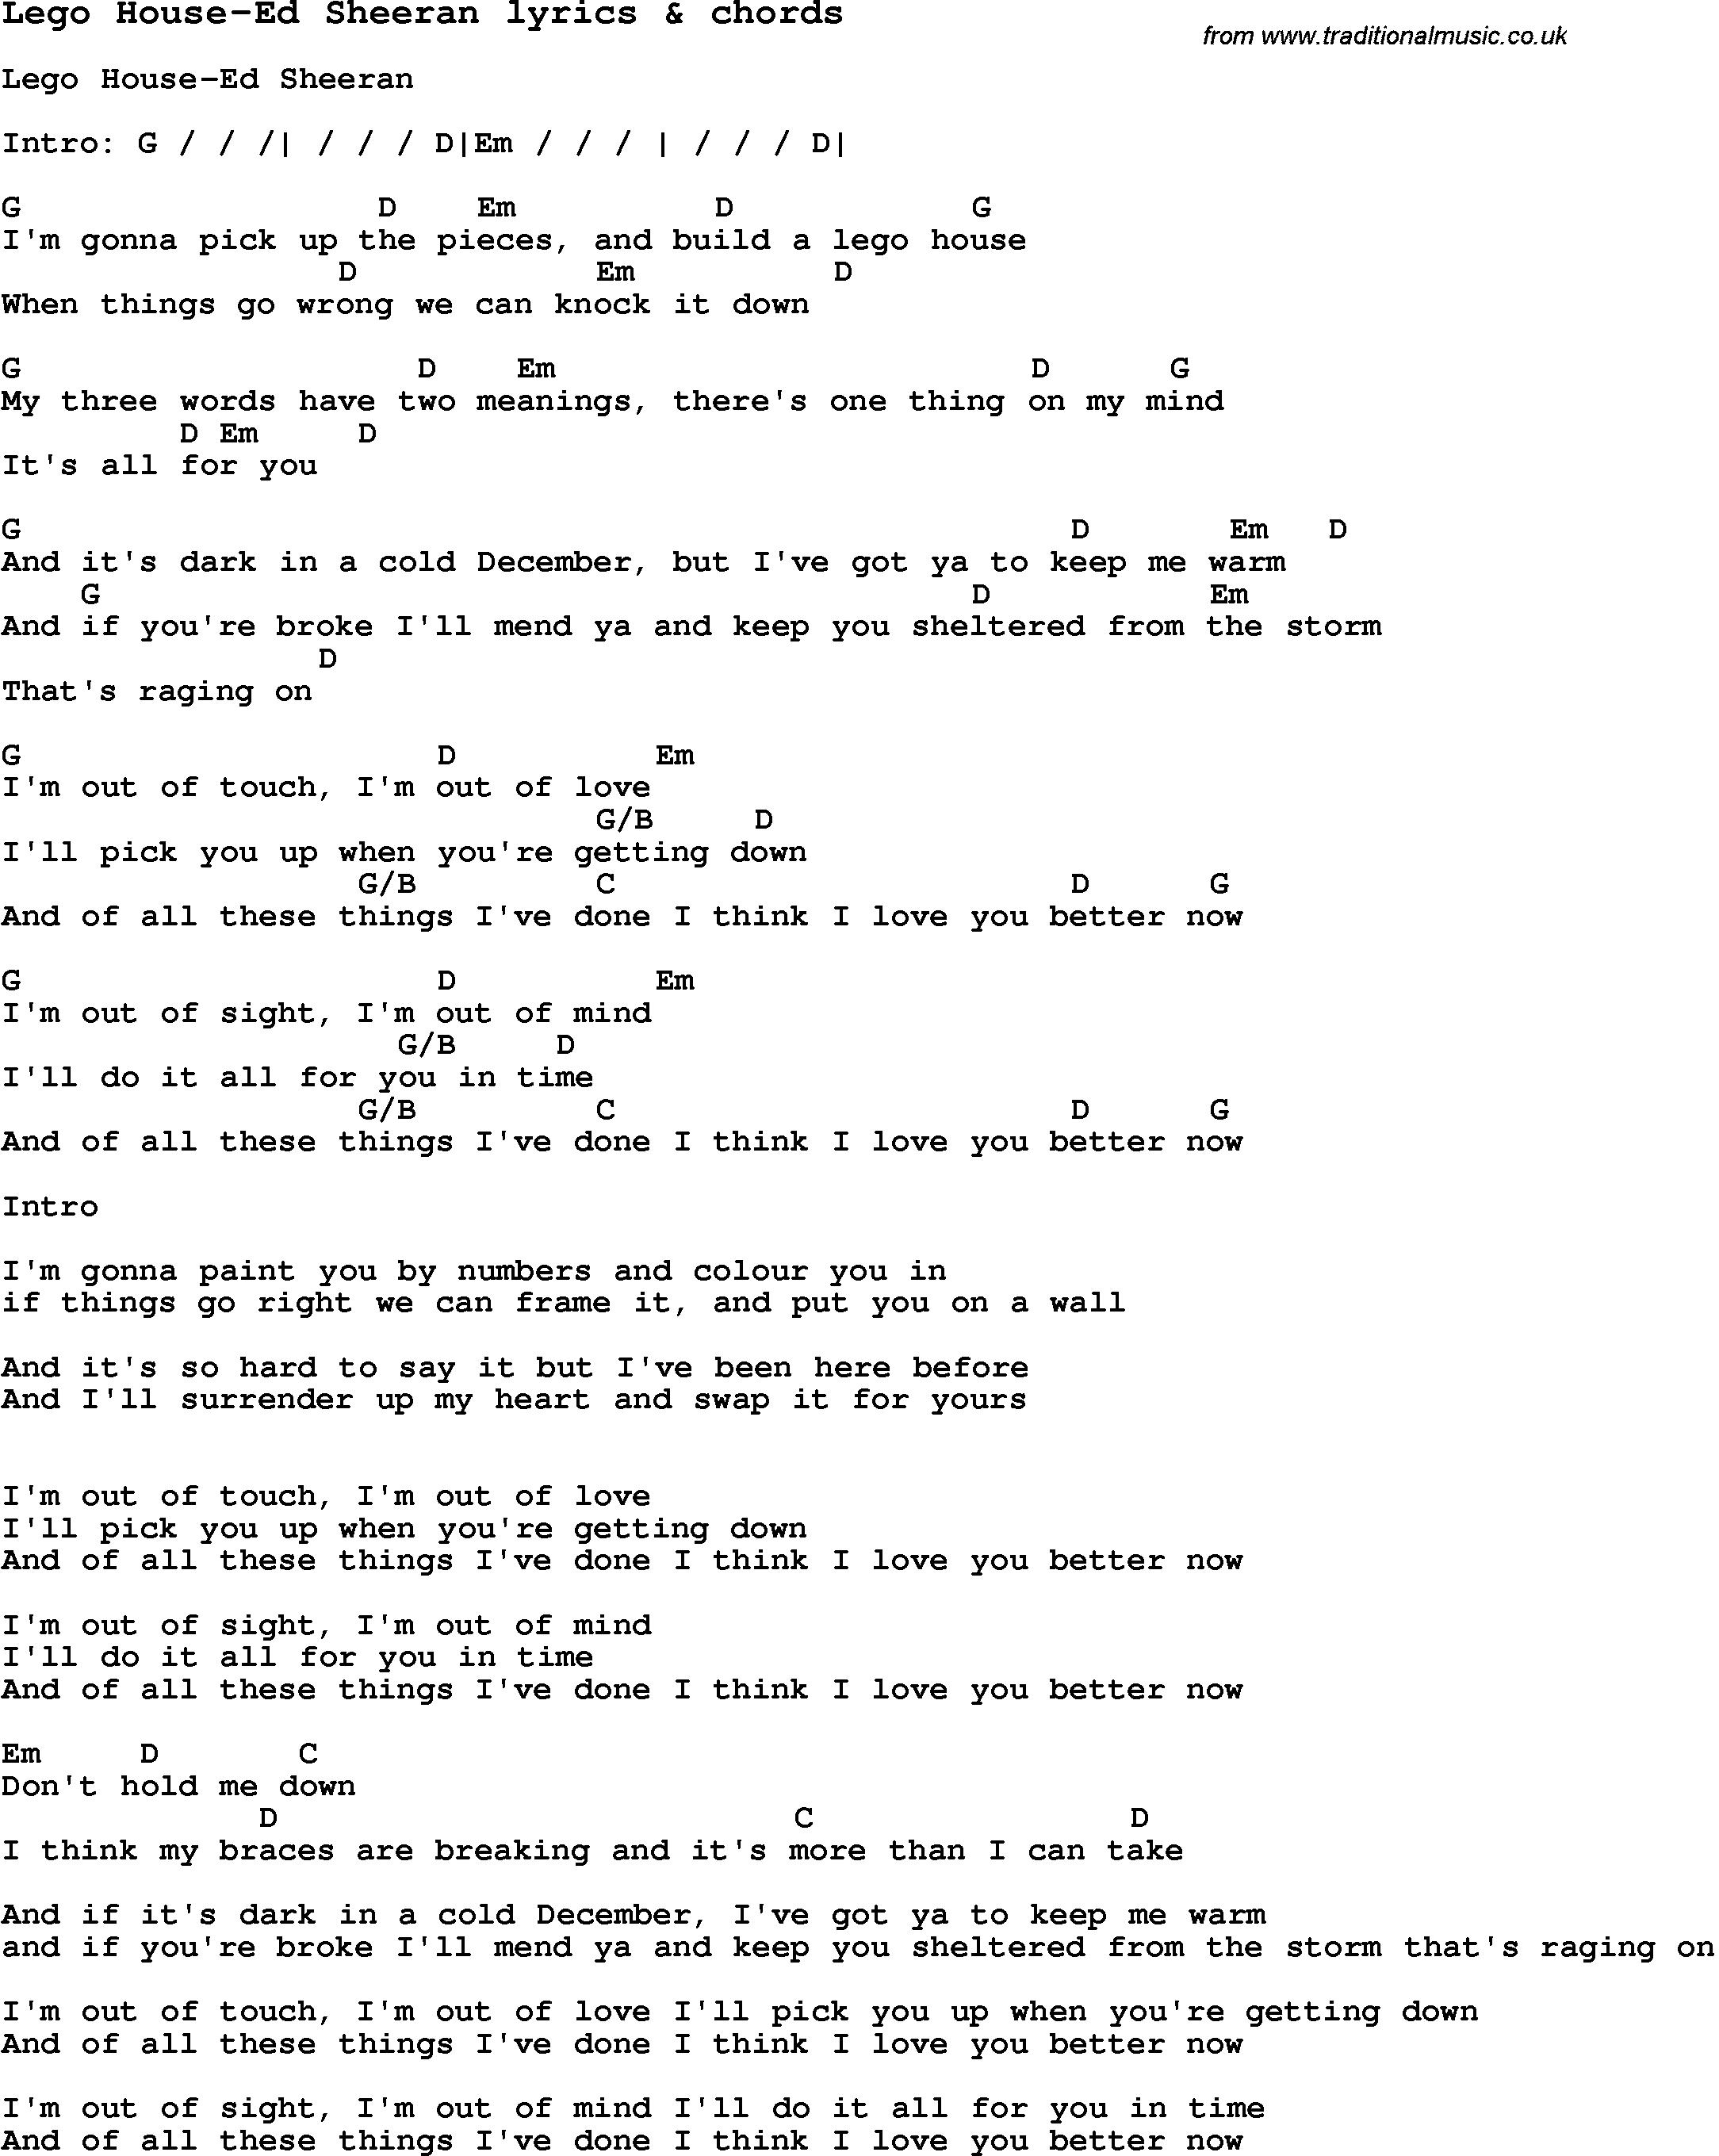 Love Song Lyrics For Lego House Ed Sheeran With Chords For Ukulele